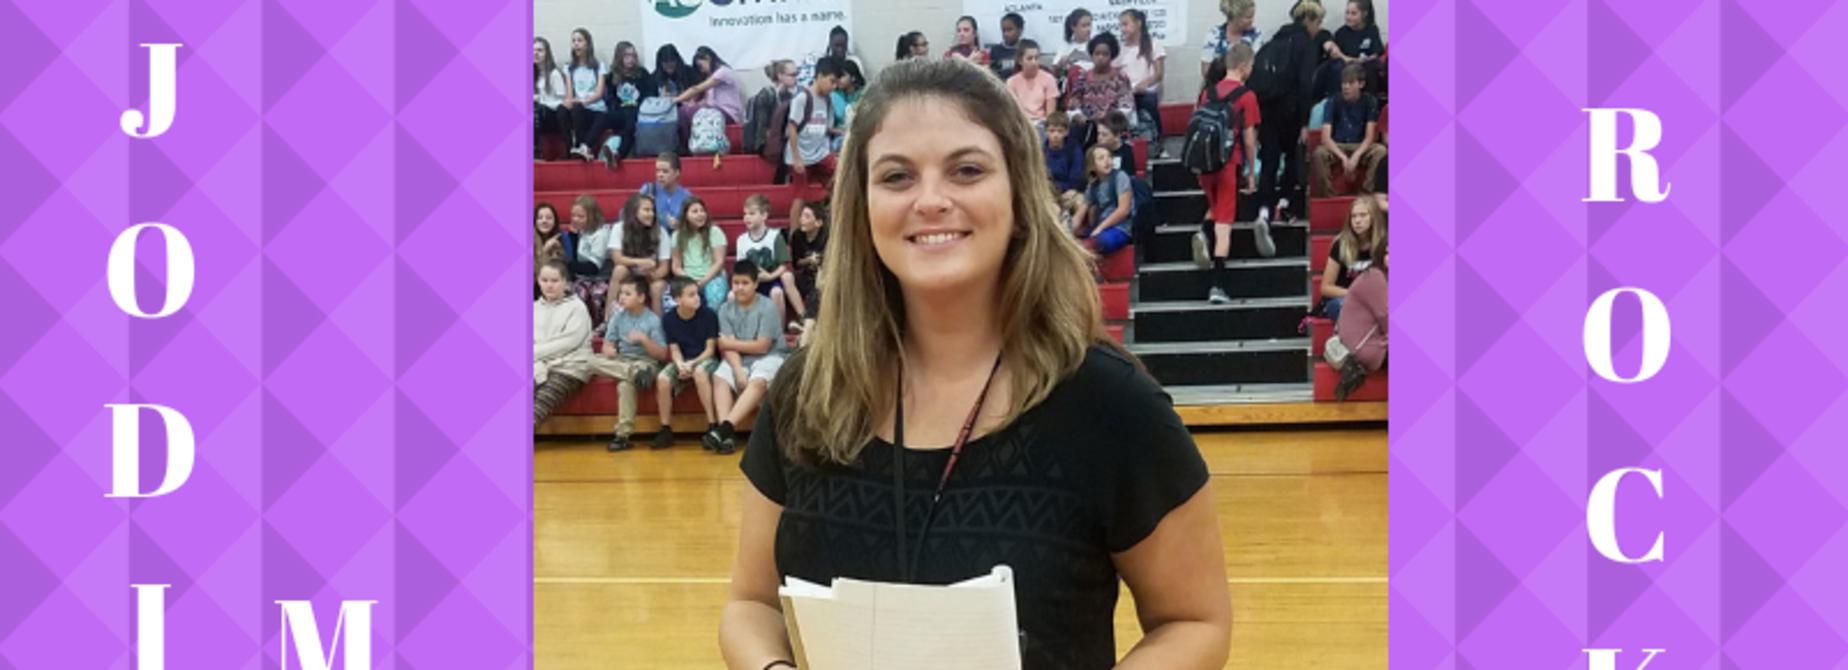 Jodi Miller Rockstar teacher